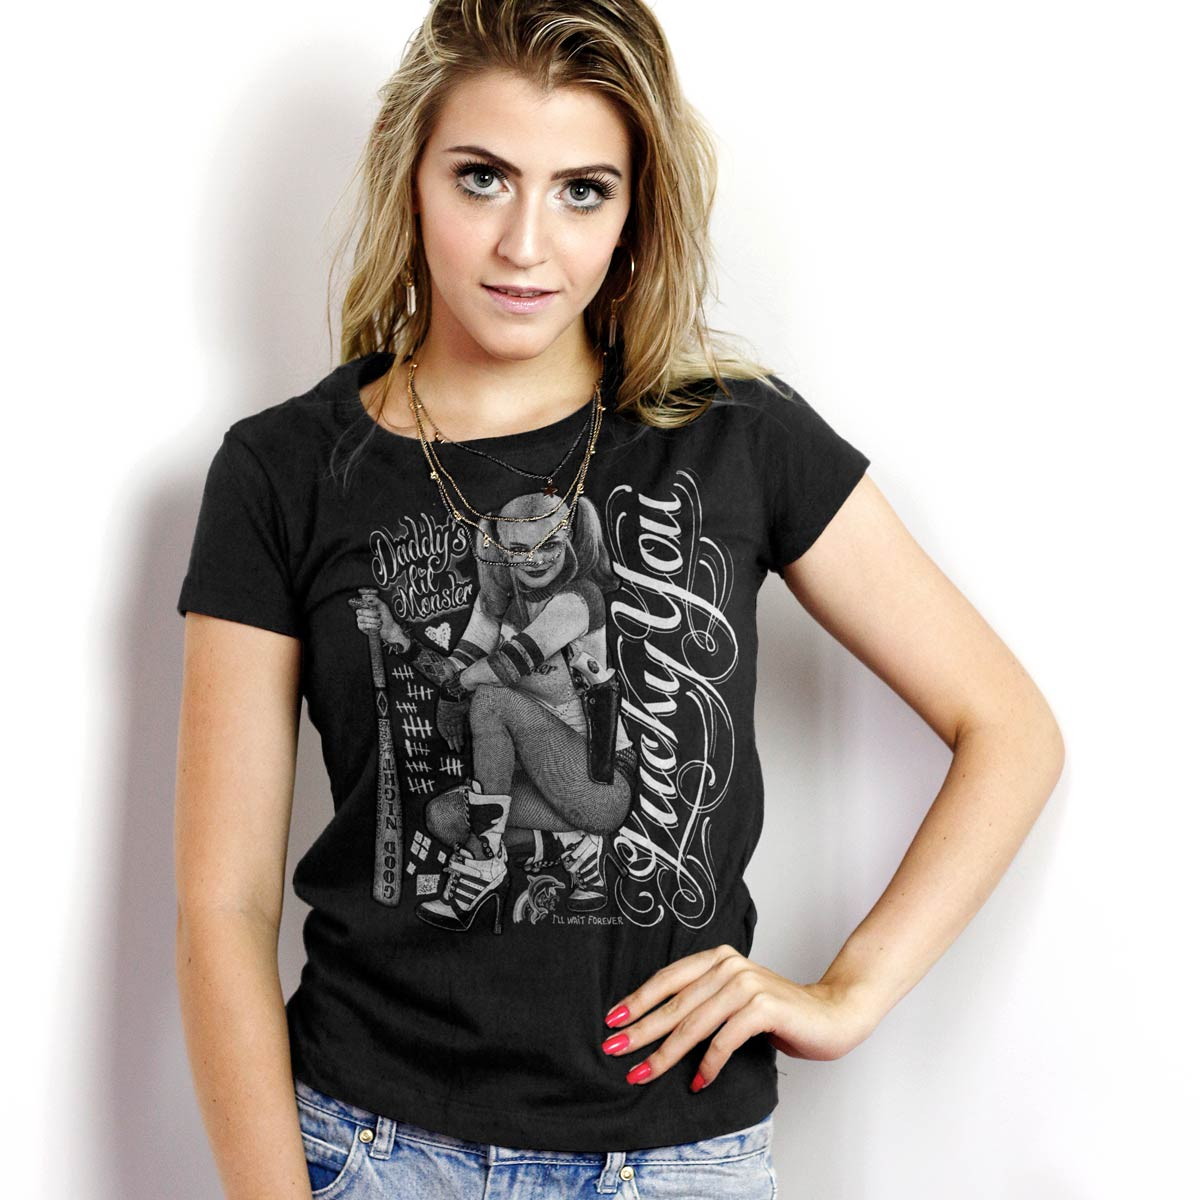 Camiseta Feminina Esquadrão Suicida Harley Quinn Luck You